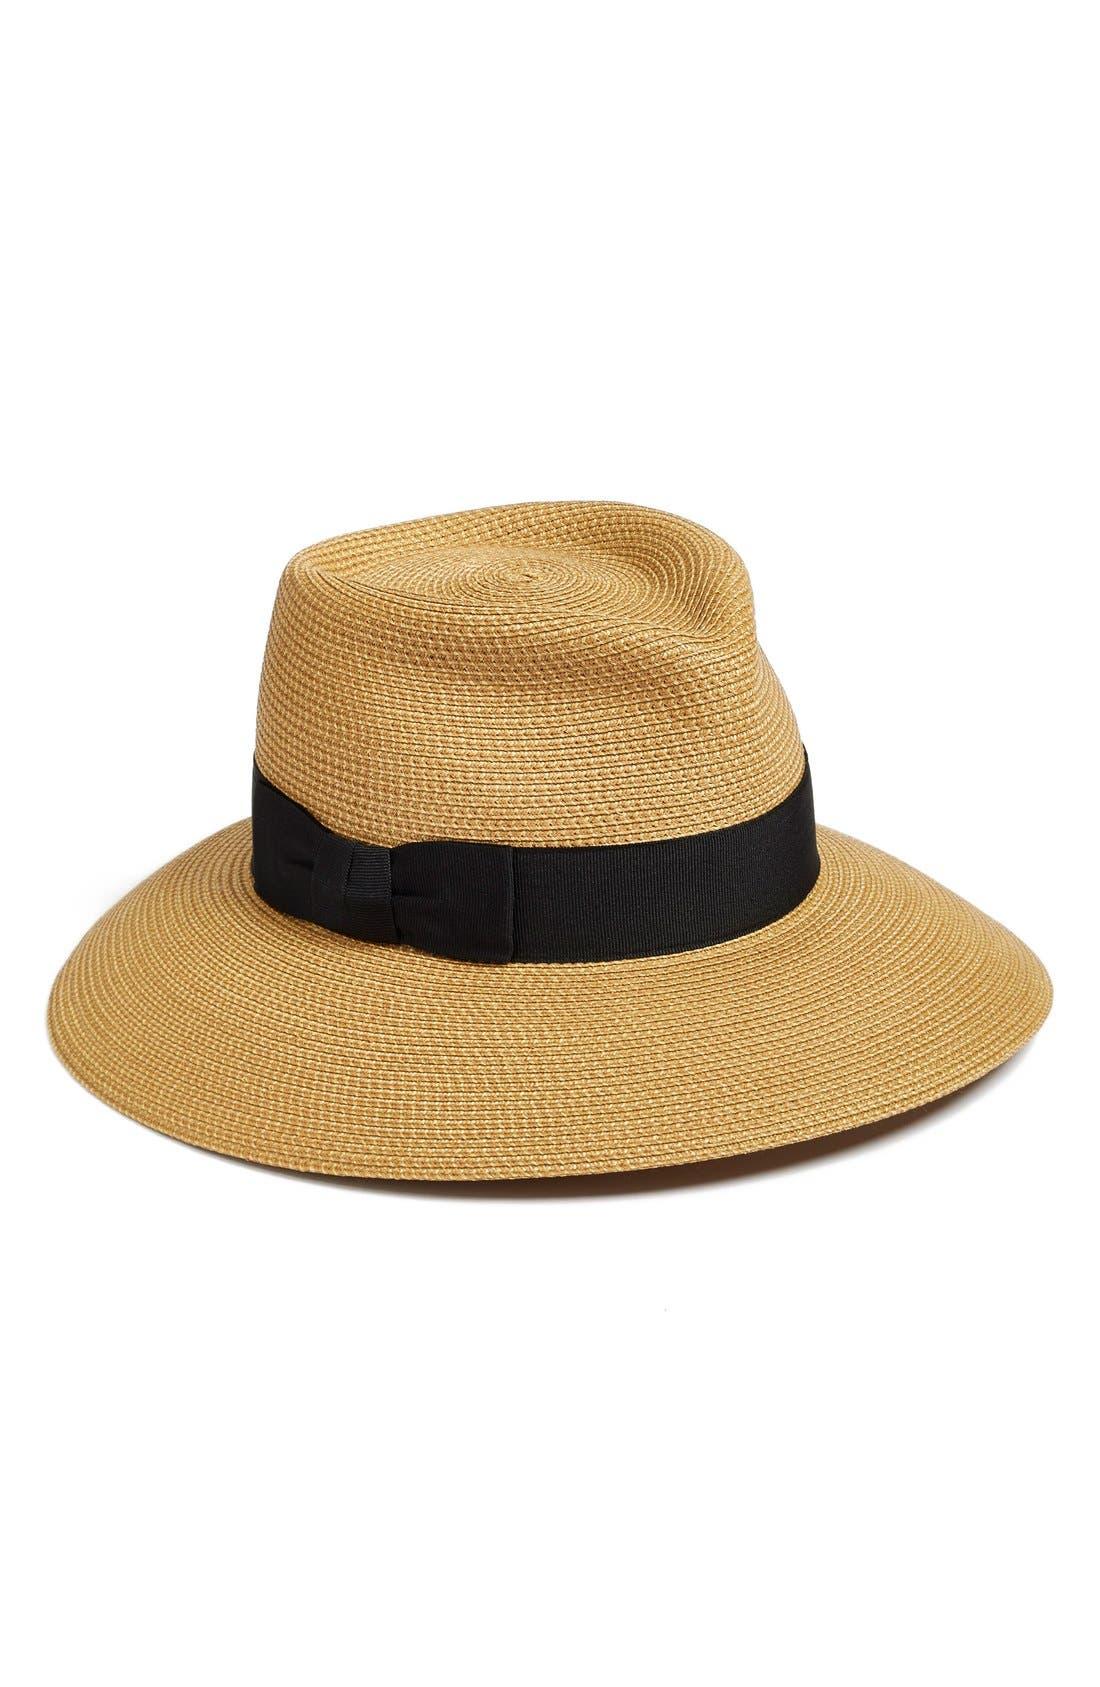 'Phoenix' Packable Fedora Sun Hat,                         Main,                         color, Natural/ Black